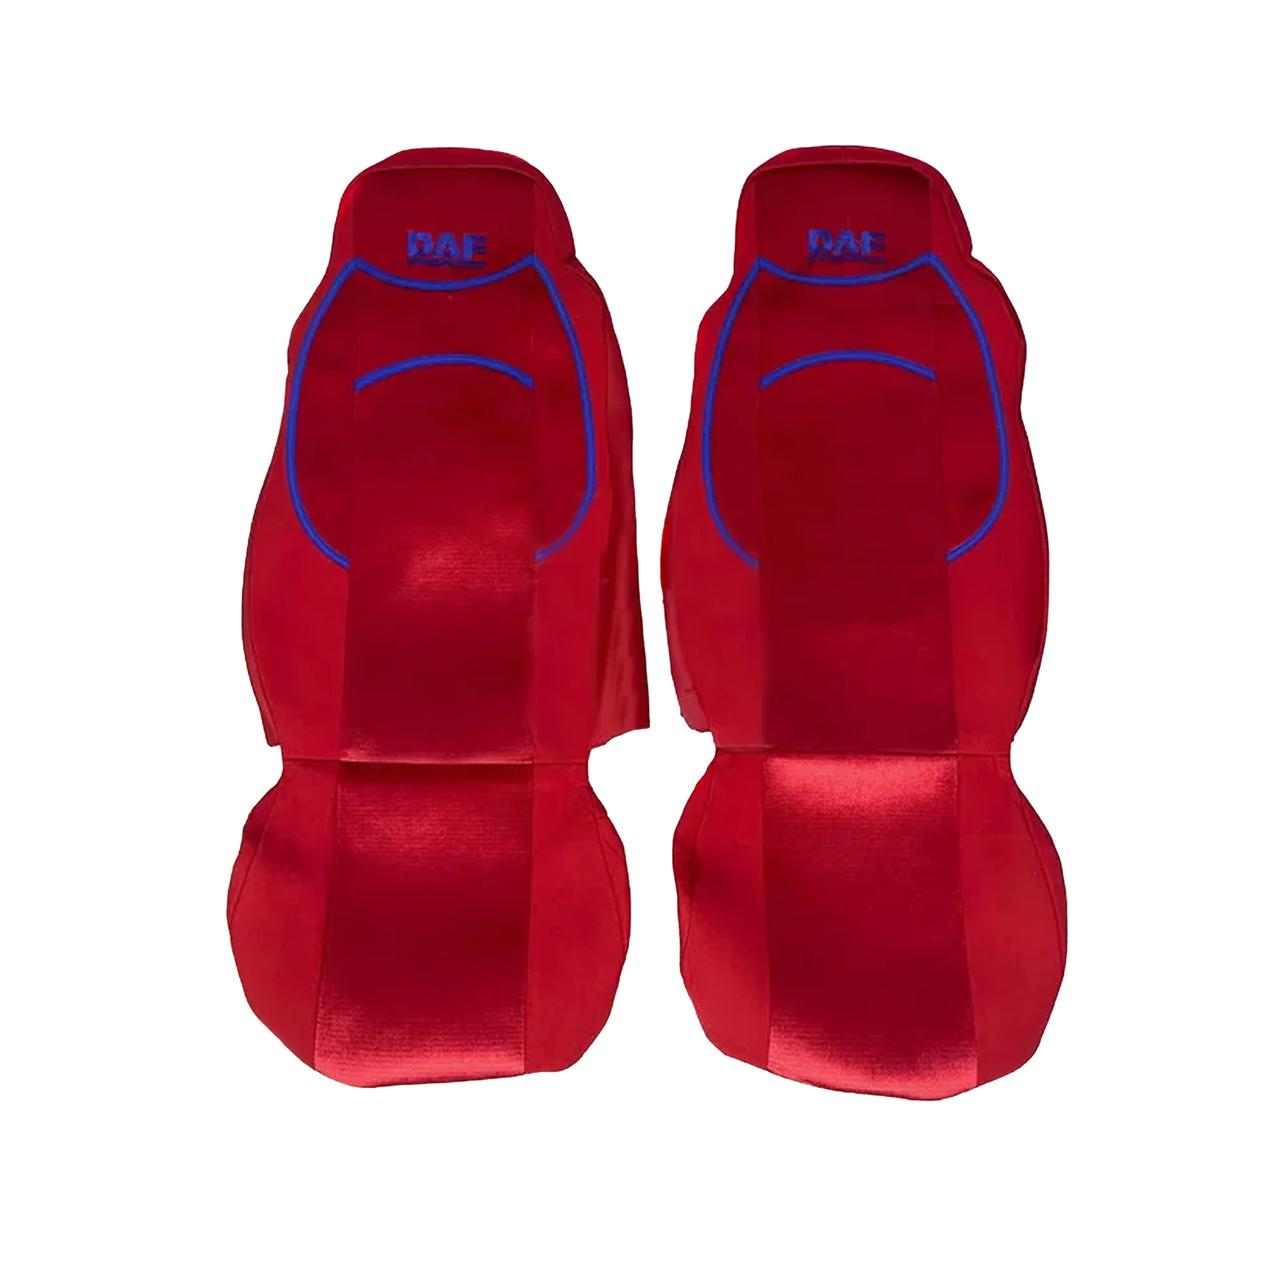 Чехлы на сиденья DAF XF95 Красные